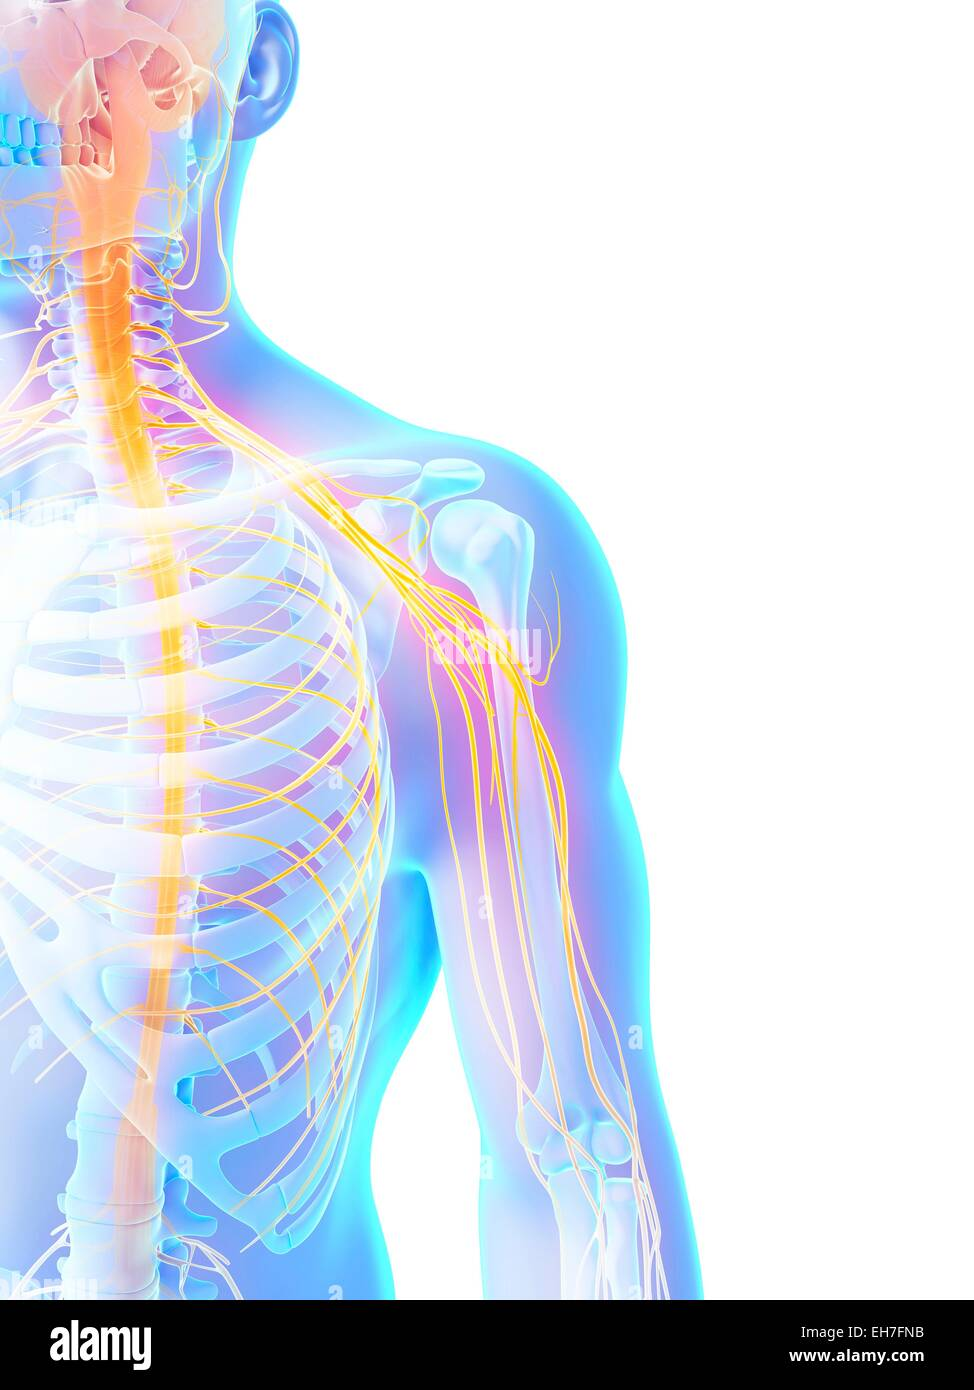 Human Shoulder Nerves Artwork Stock Photos & Human Shoulder Nerves ...